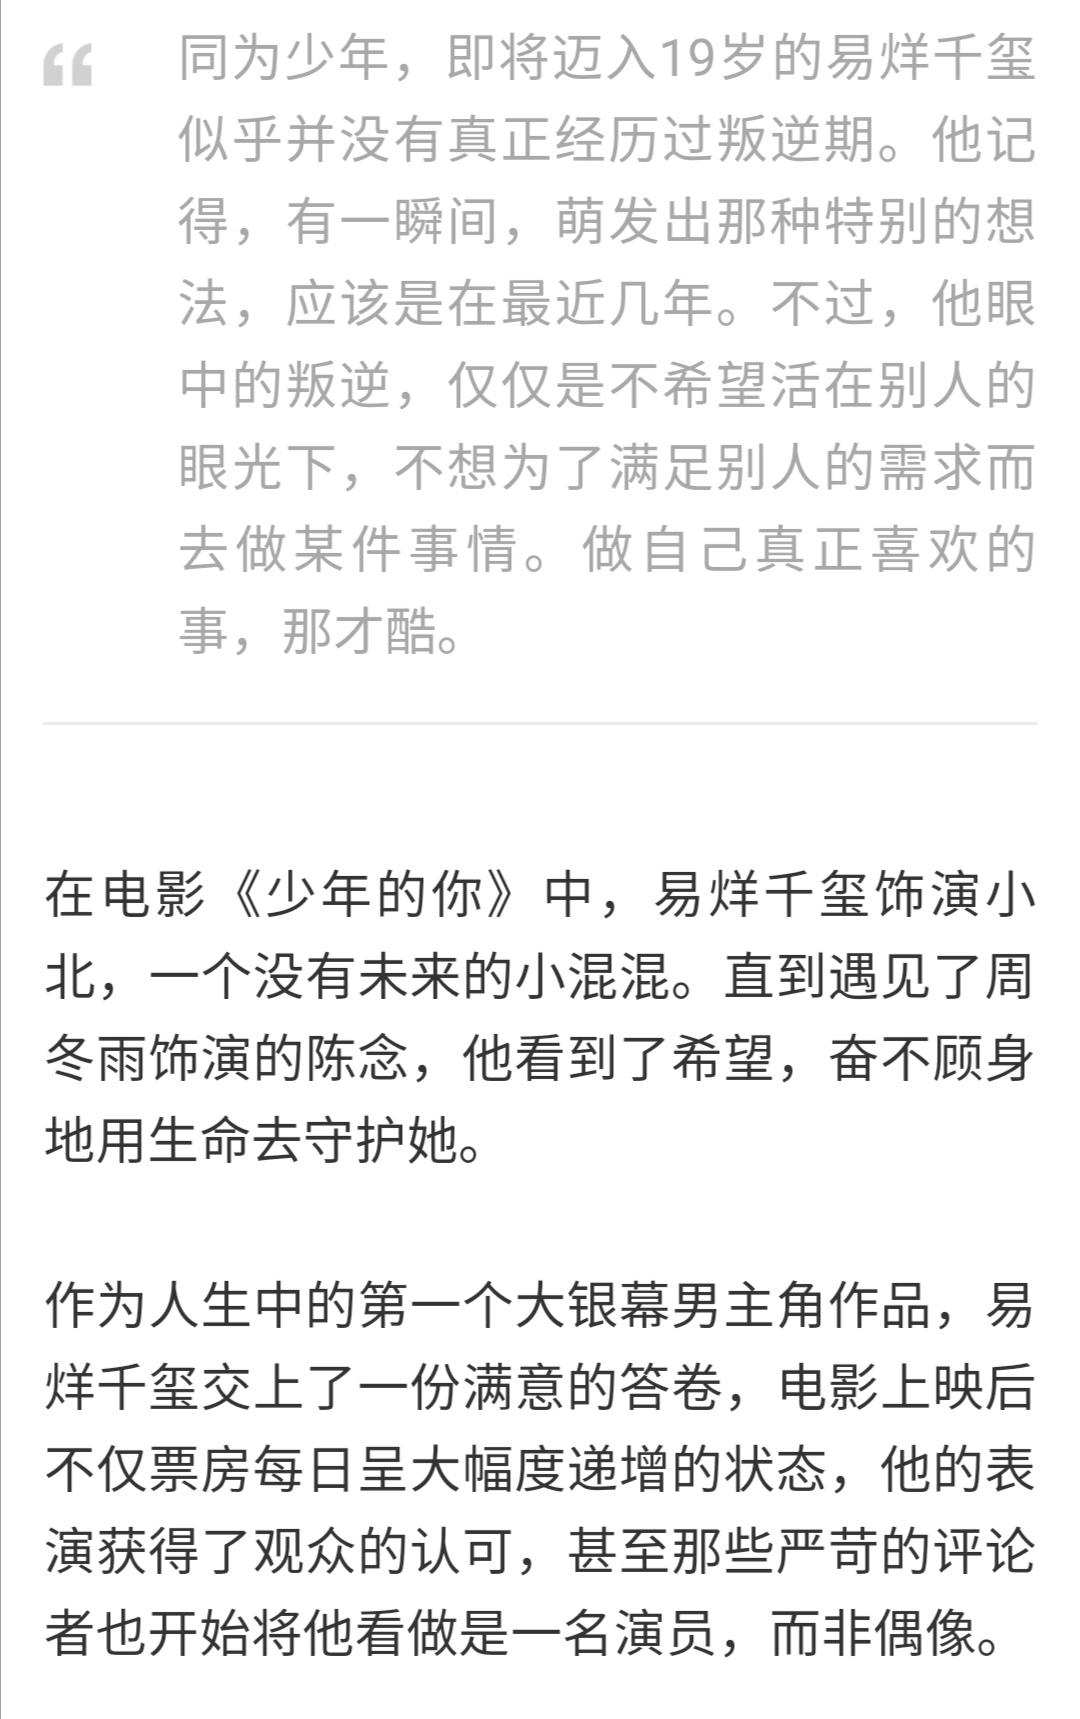 易烊千玺《新京报文娱》文字版采访  作为易烊千玺人生中的第一个大